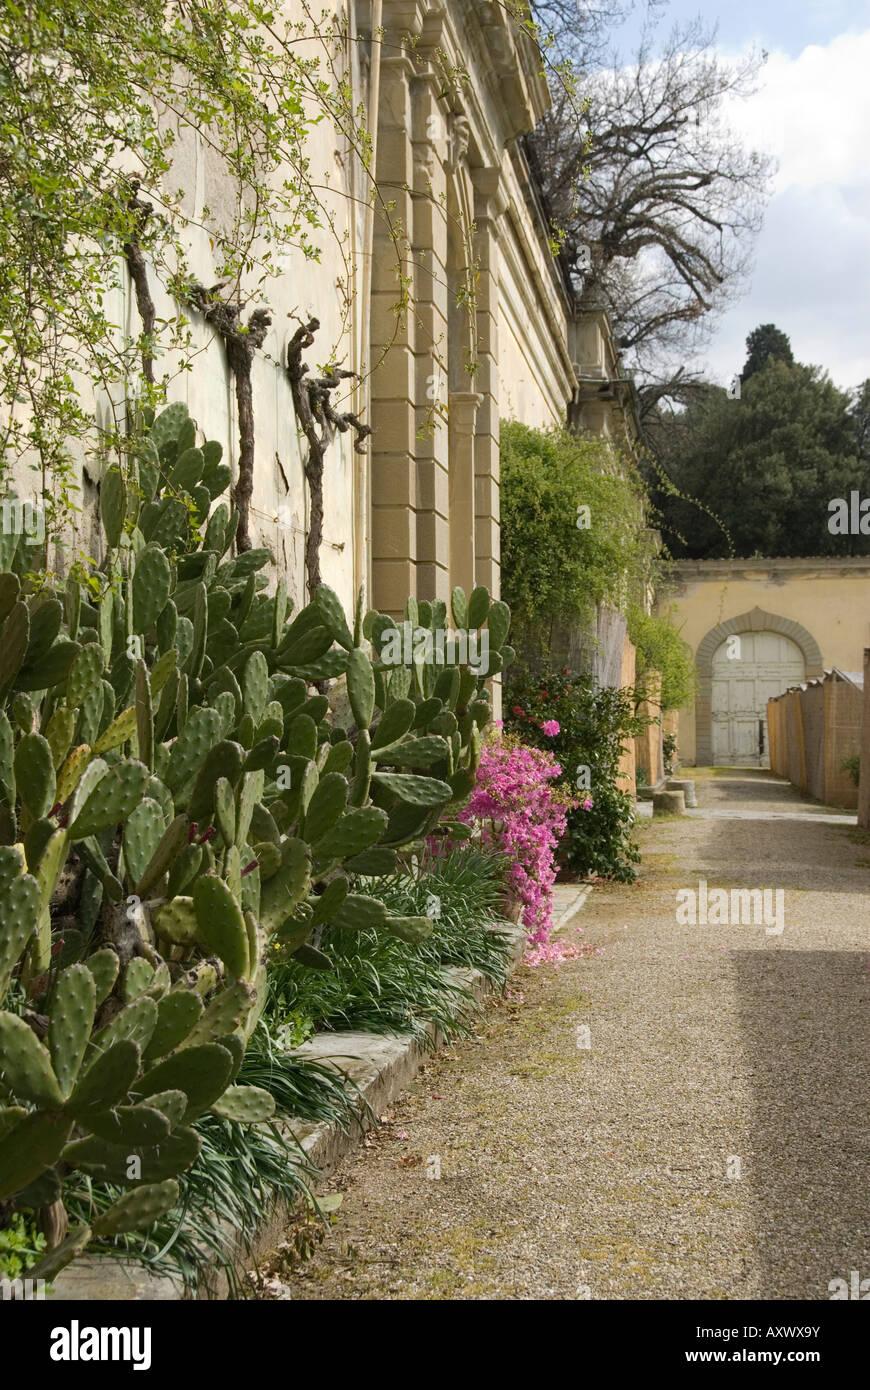 La pared posterior del jardín de la Villa Medici de Castello, Sesto Fiorentino, Florencia y la Toscana Imagen De Stock